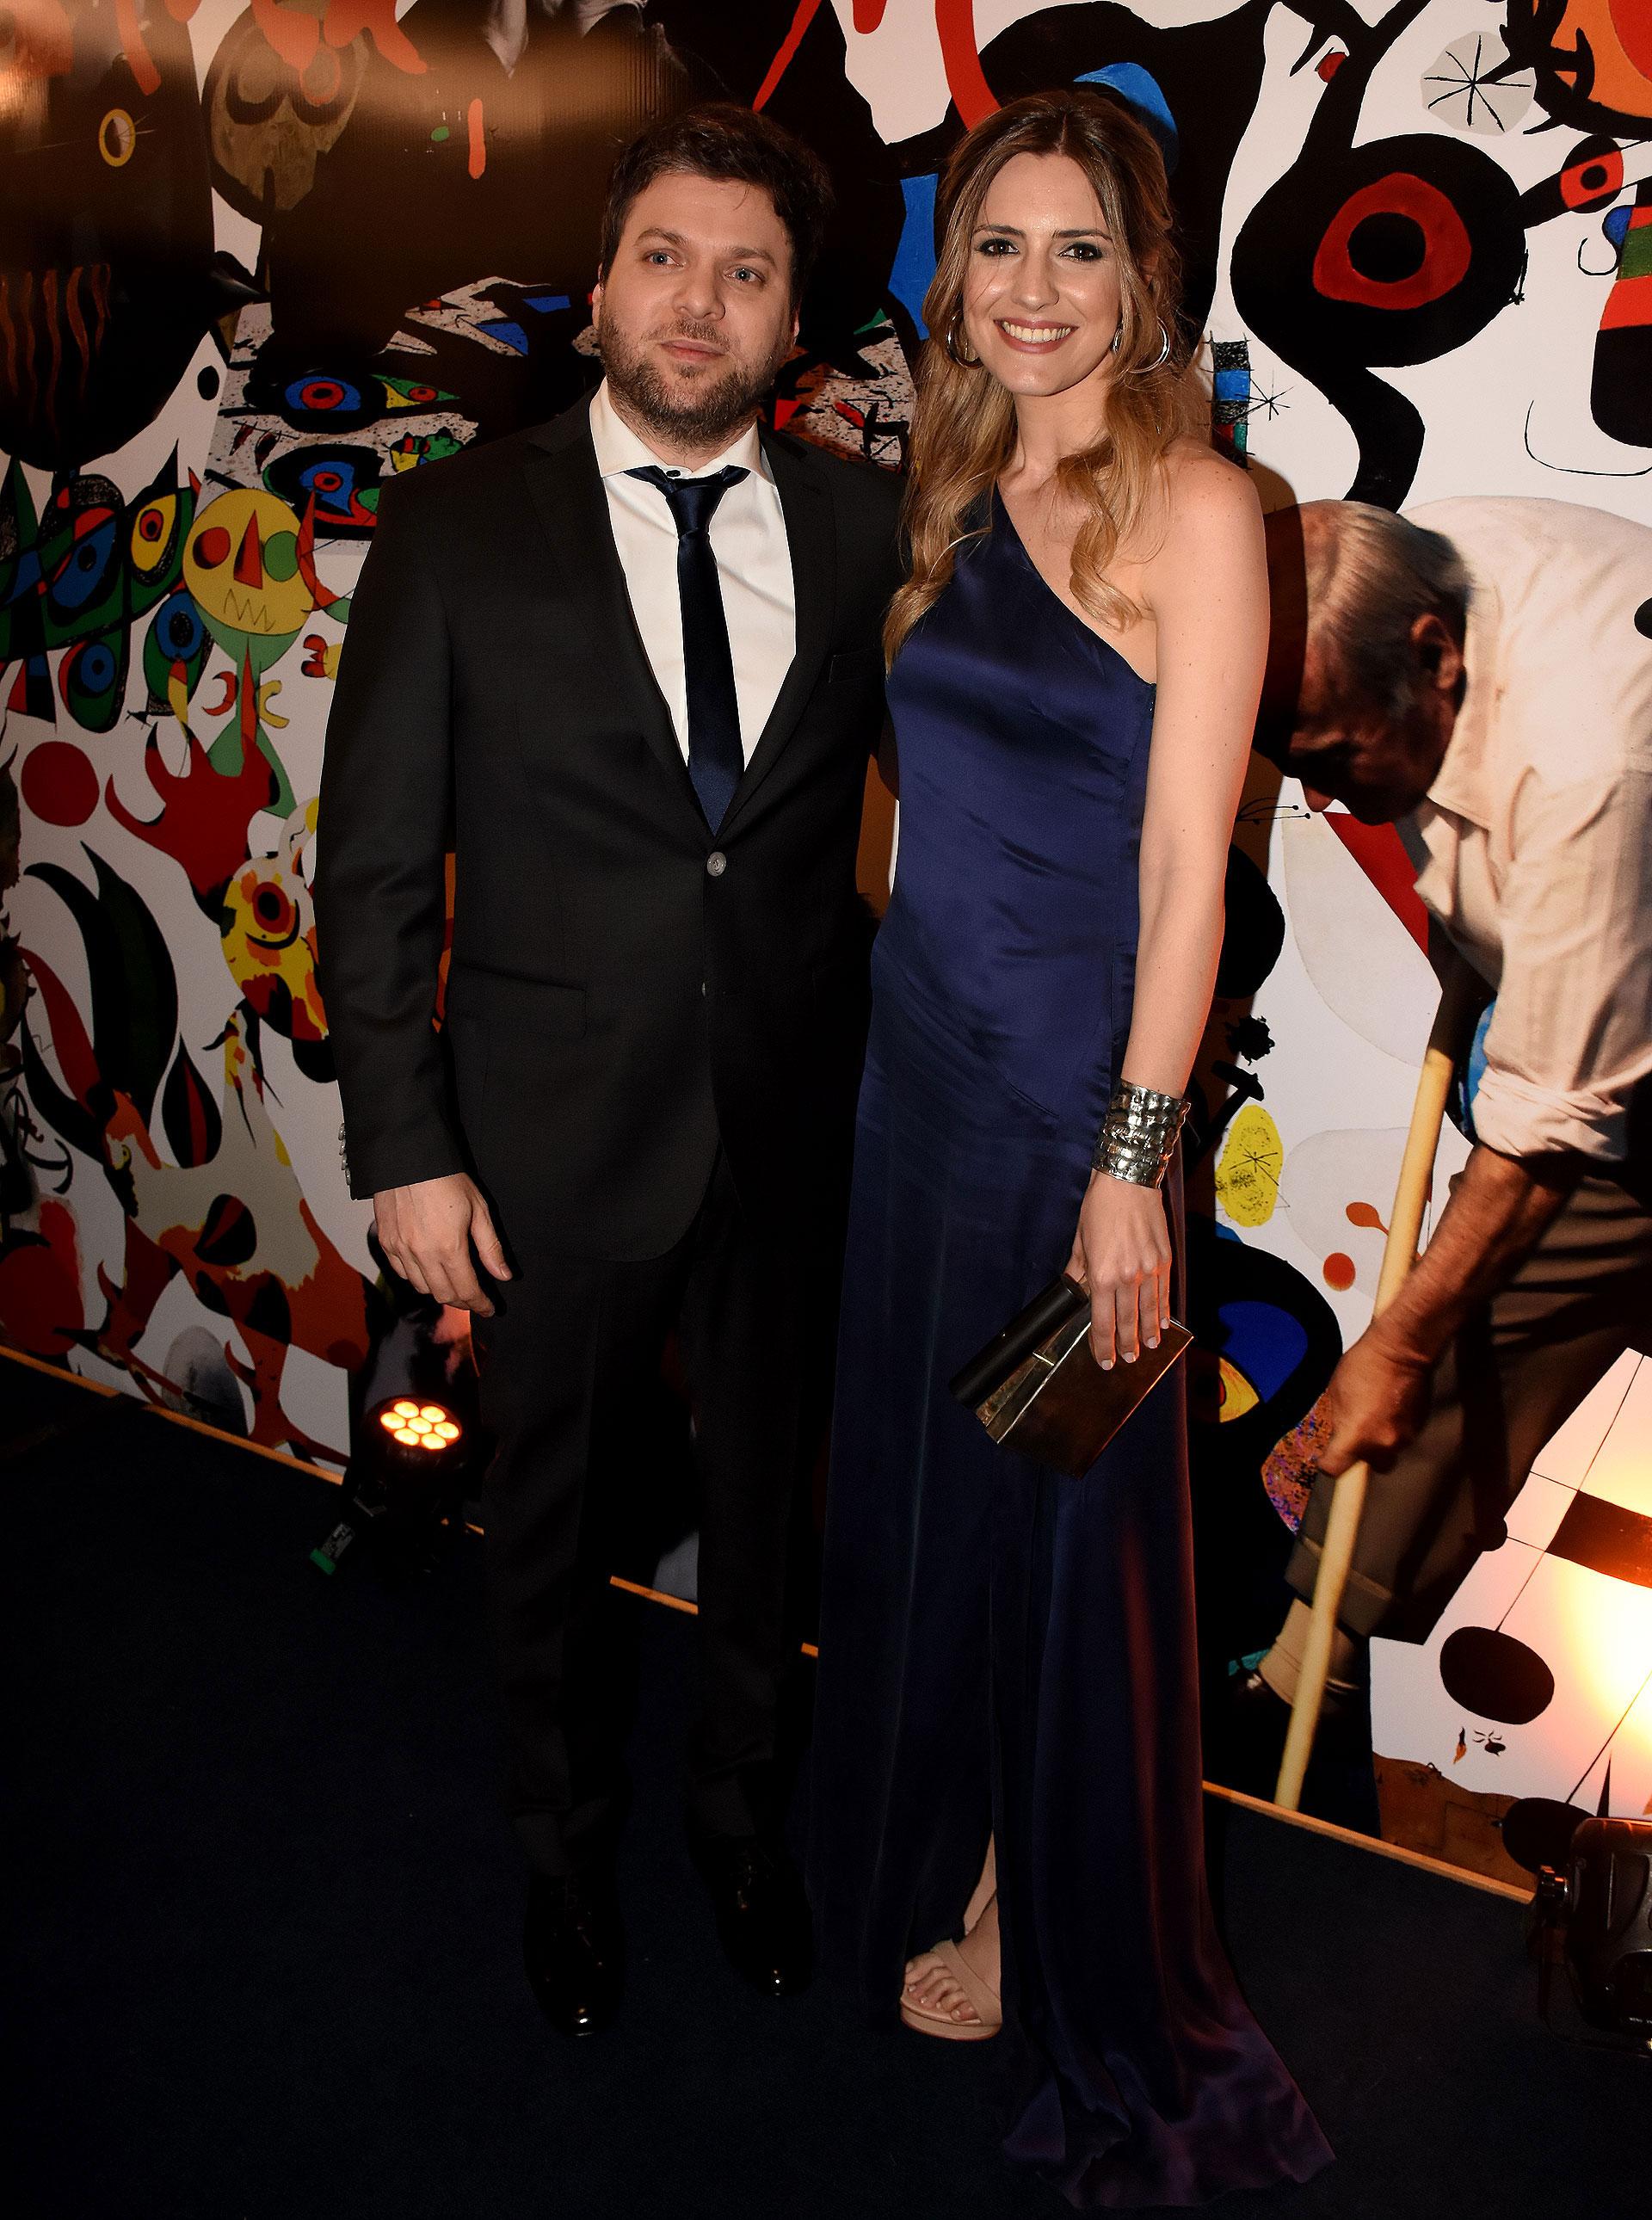 Guido Kaczka y su pareja Soledad Rodríguez en la Comida Anual de Amigos del Museo Nacional de Bellas Artes (Nicolás Stulberg / Infobae)